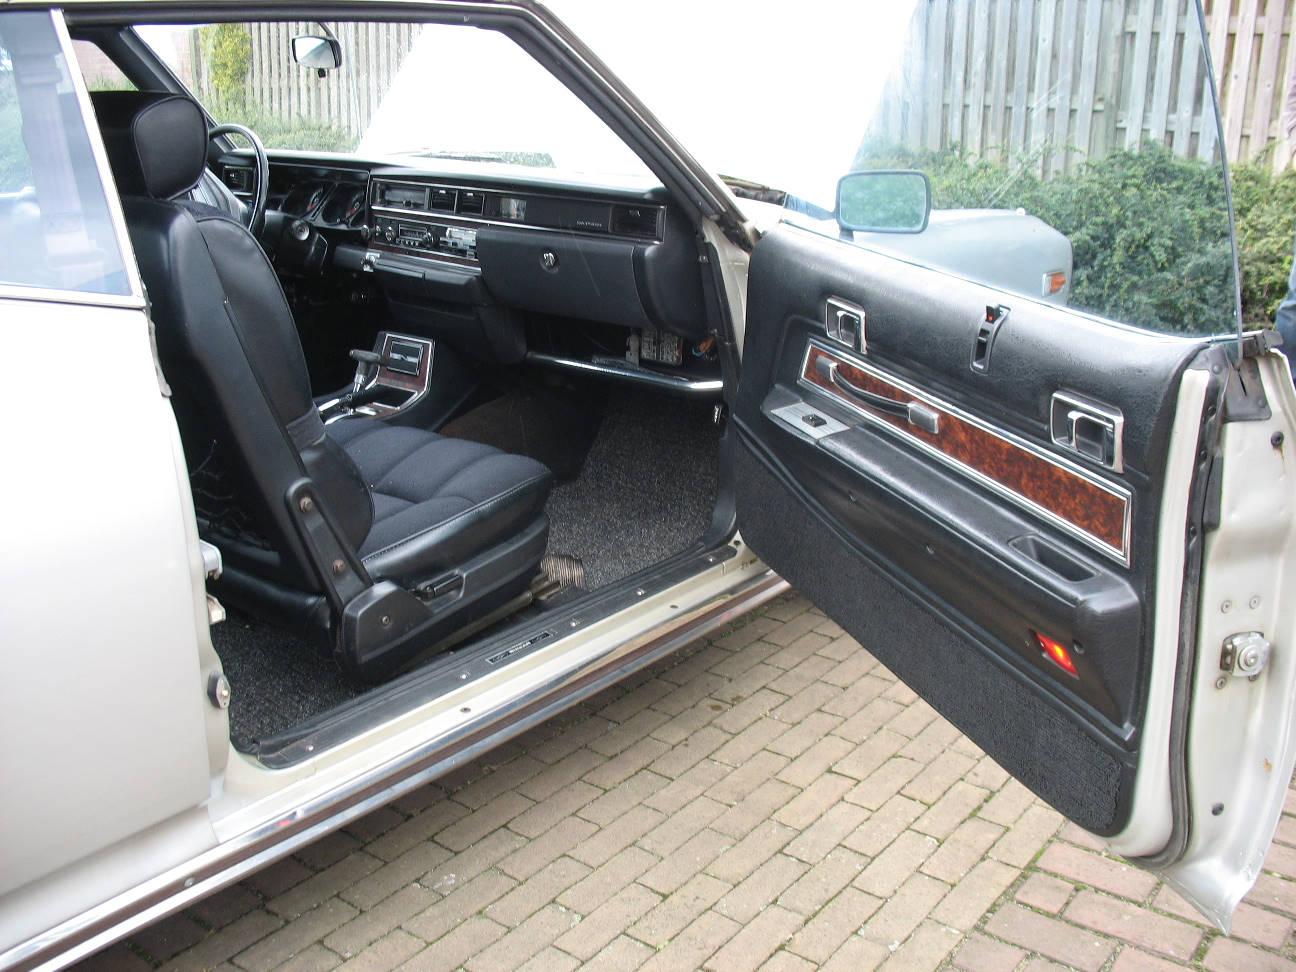 Ma Datsun 260c de 1977 - Page 6 20100829-028s